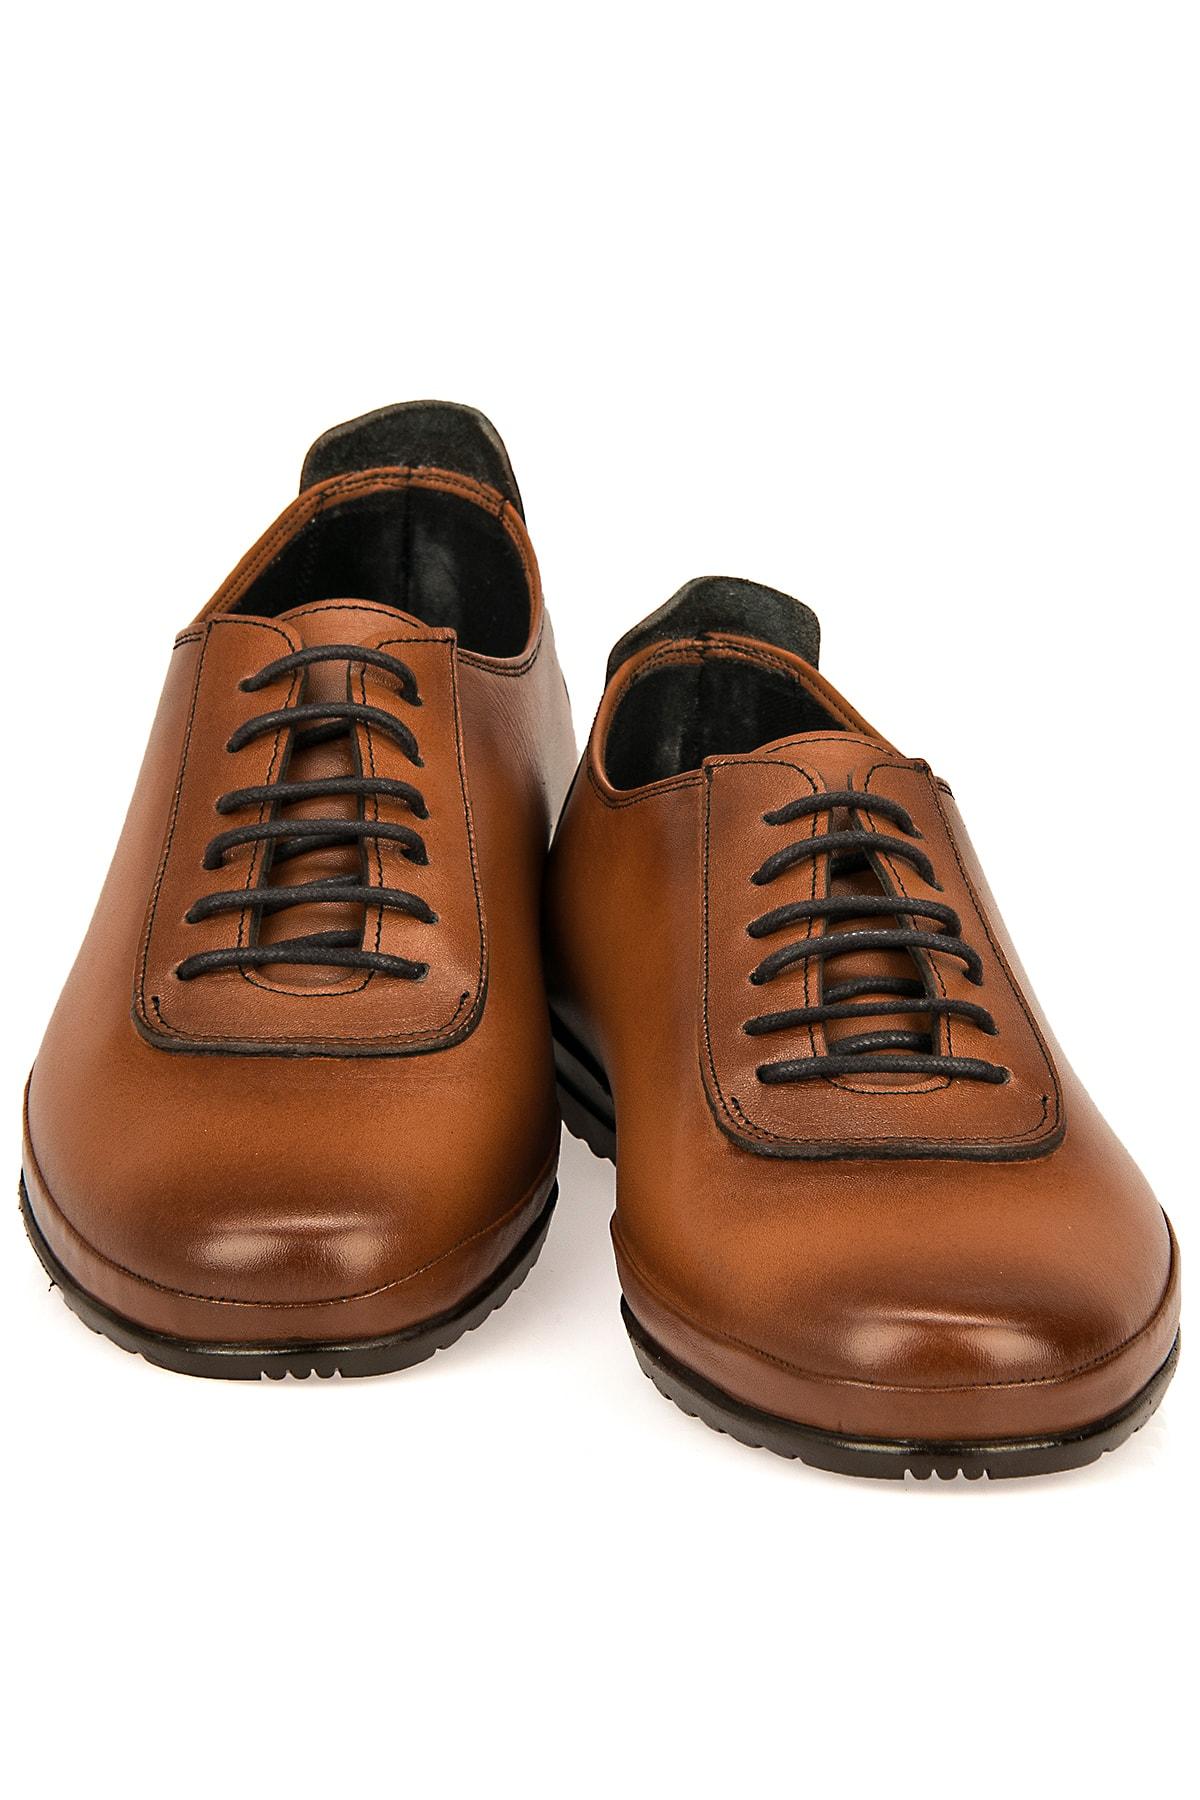 Ziya Hakiki Deri Taba Erkek Ayakkabı 101415 485046 2